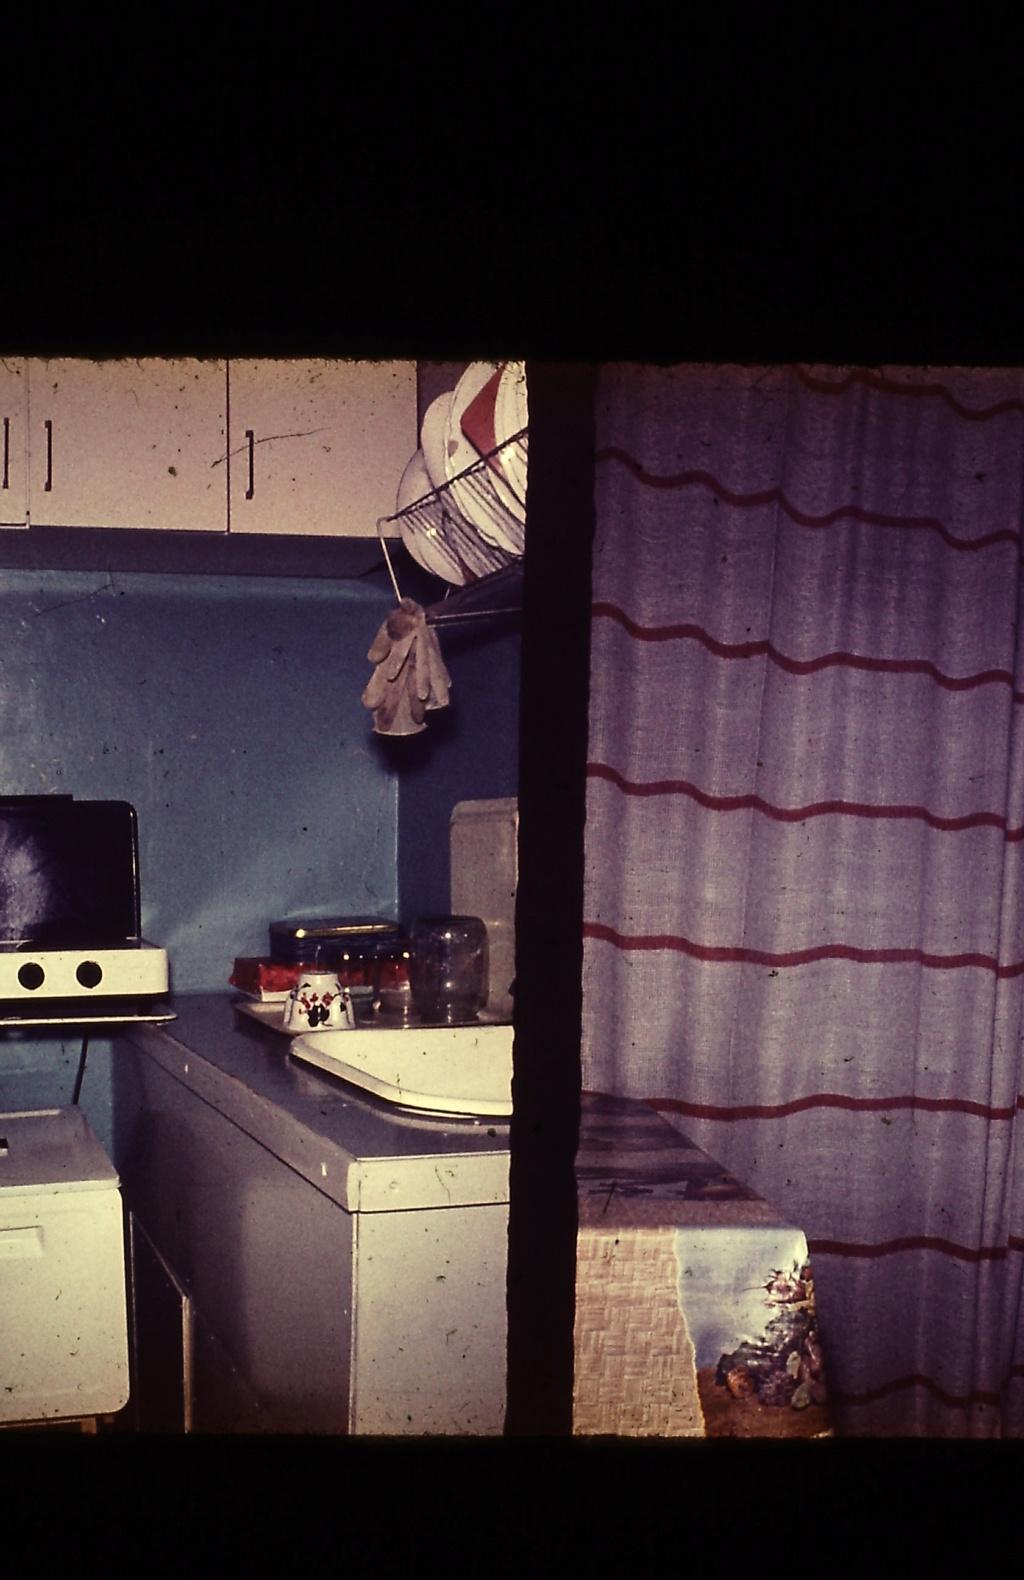 interieur d une maison annee 1975 Pict0012